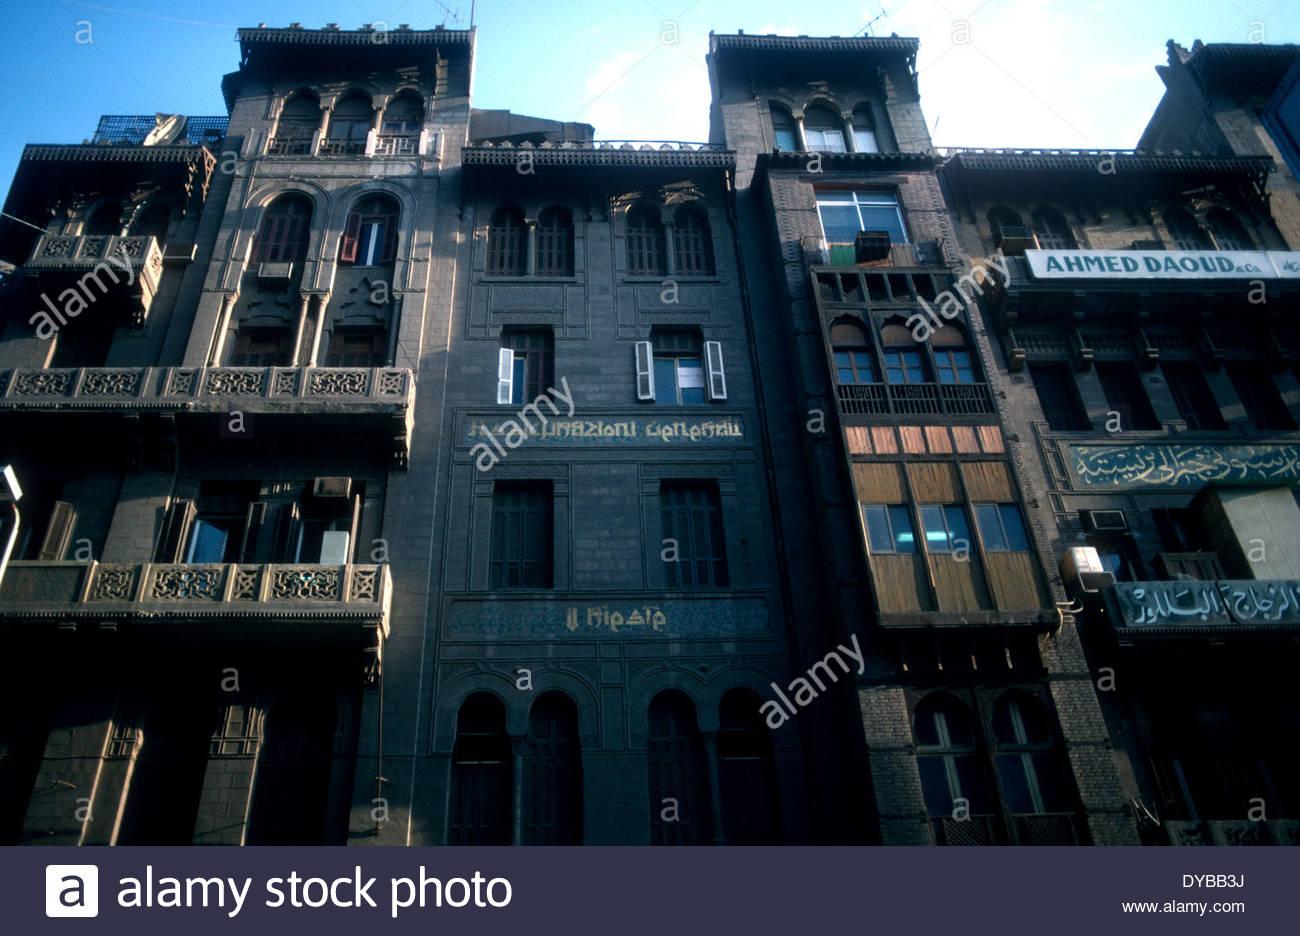 Ottoman architecture in Cairo - Stock Image